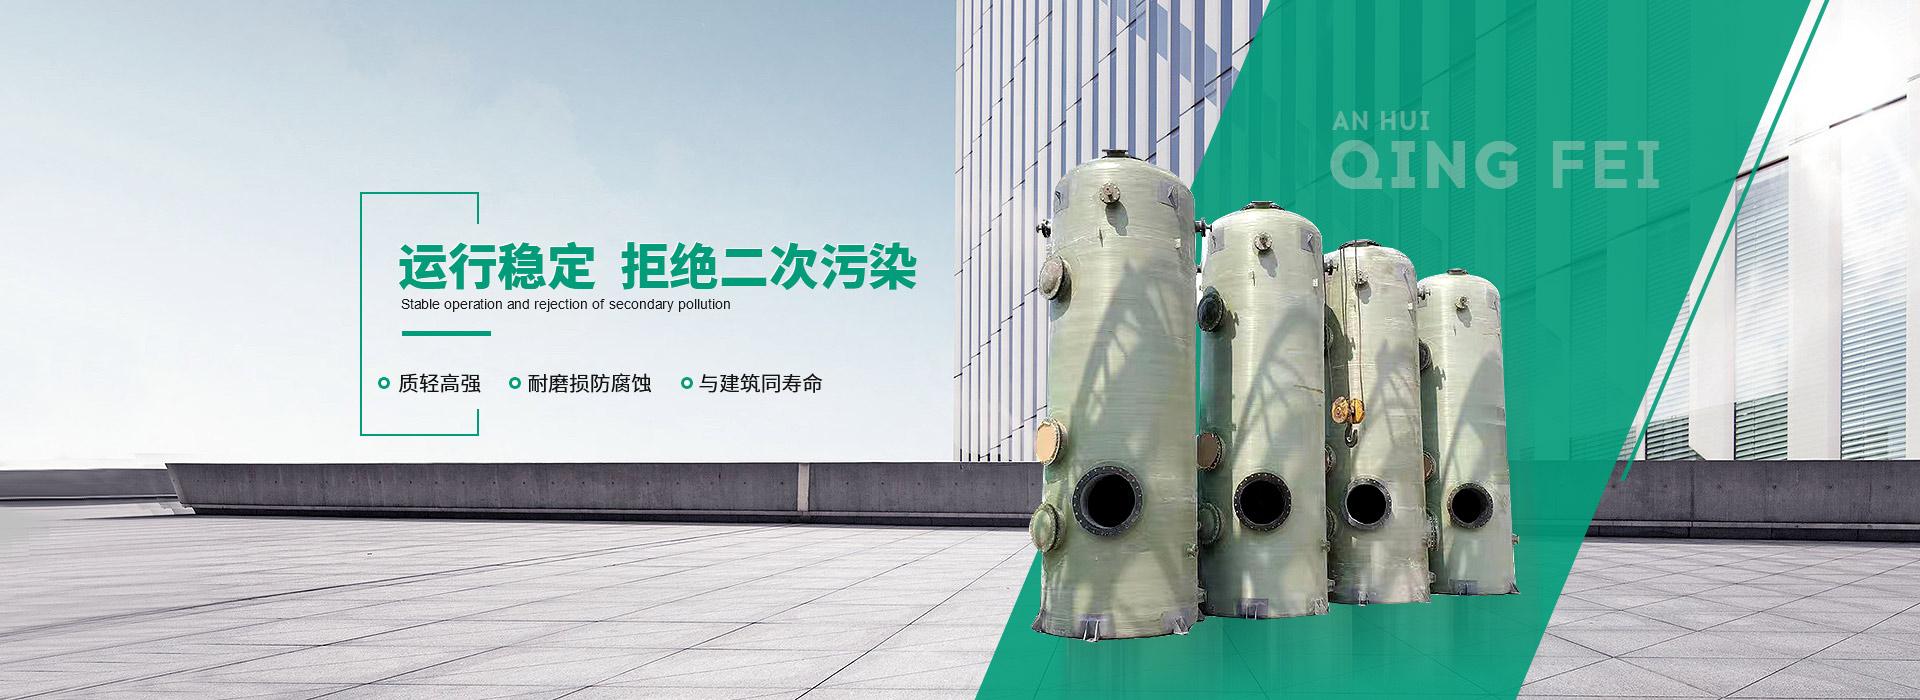 清飞玻璃钢净化塔运行稳定,拒绝二次污染